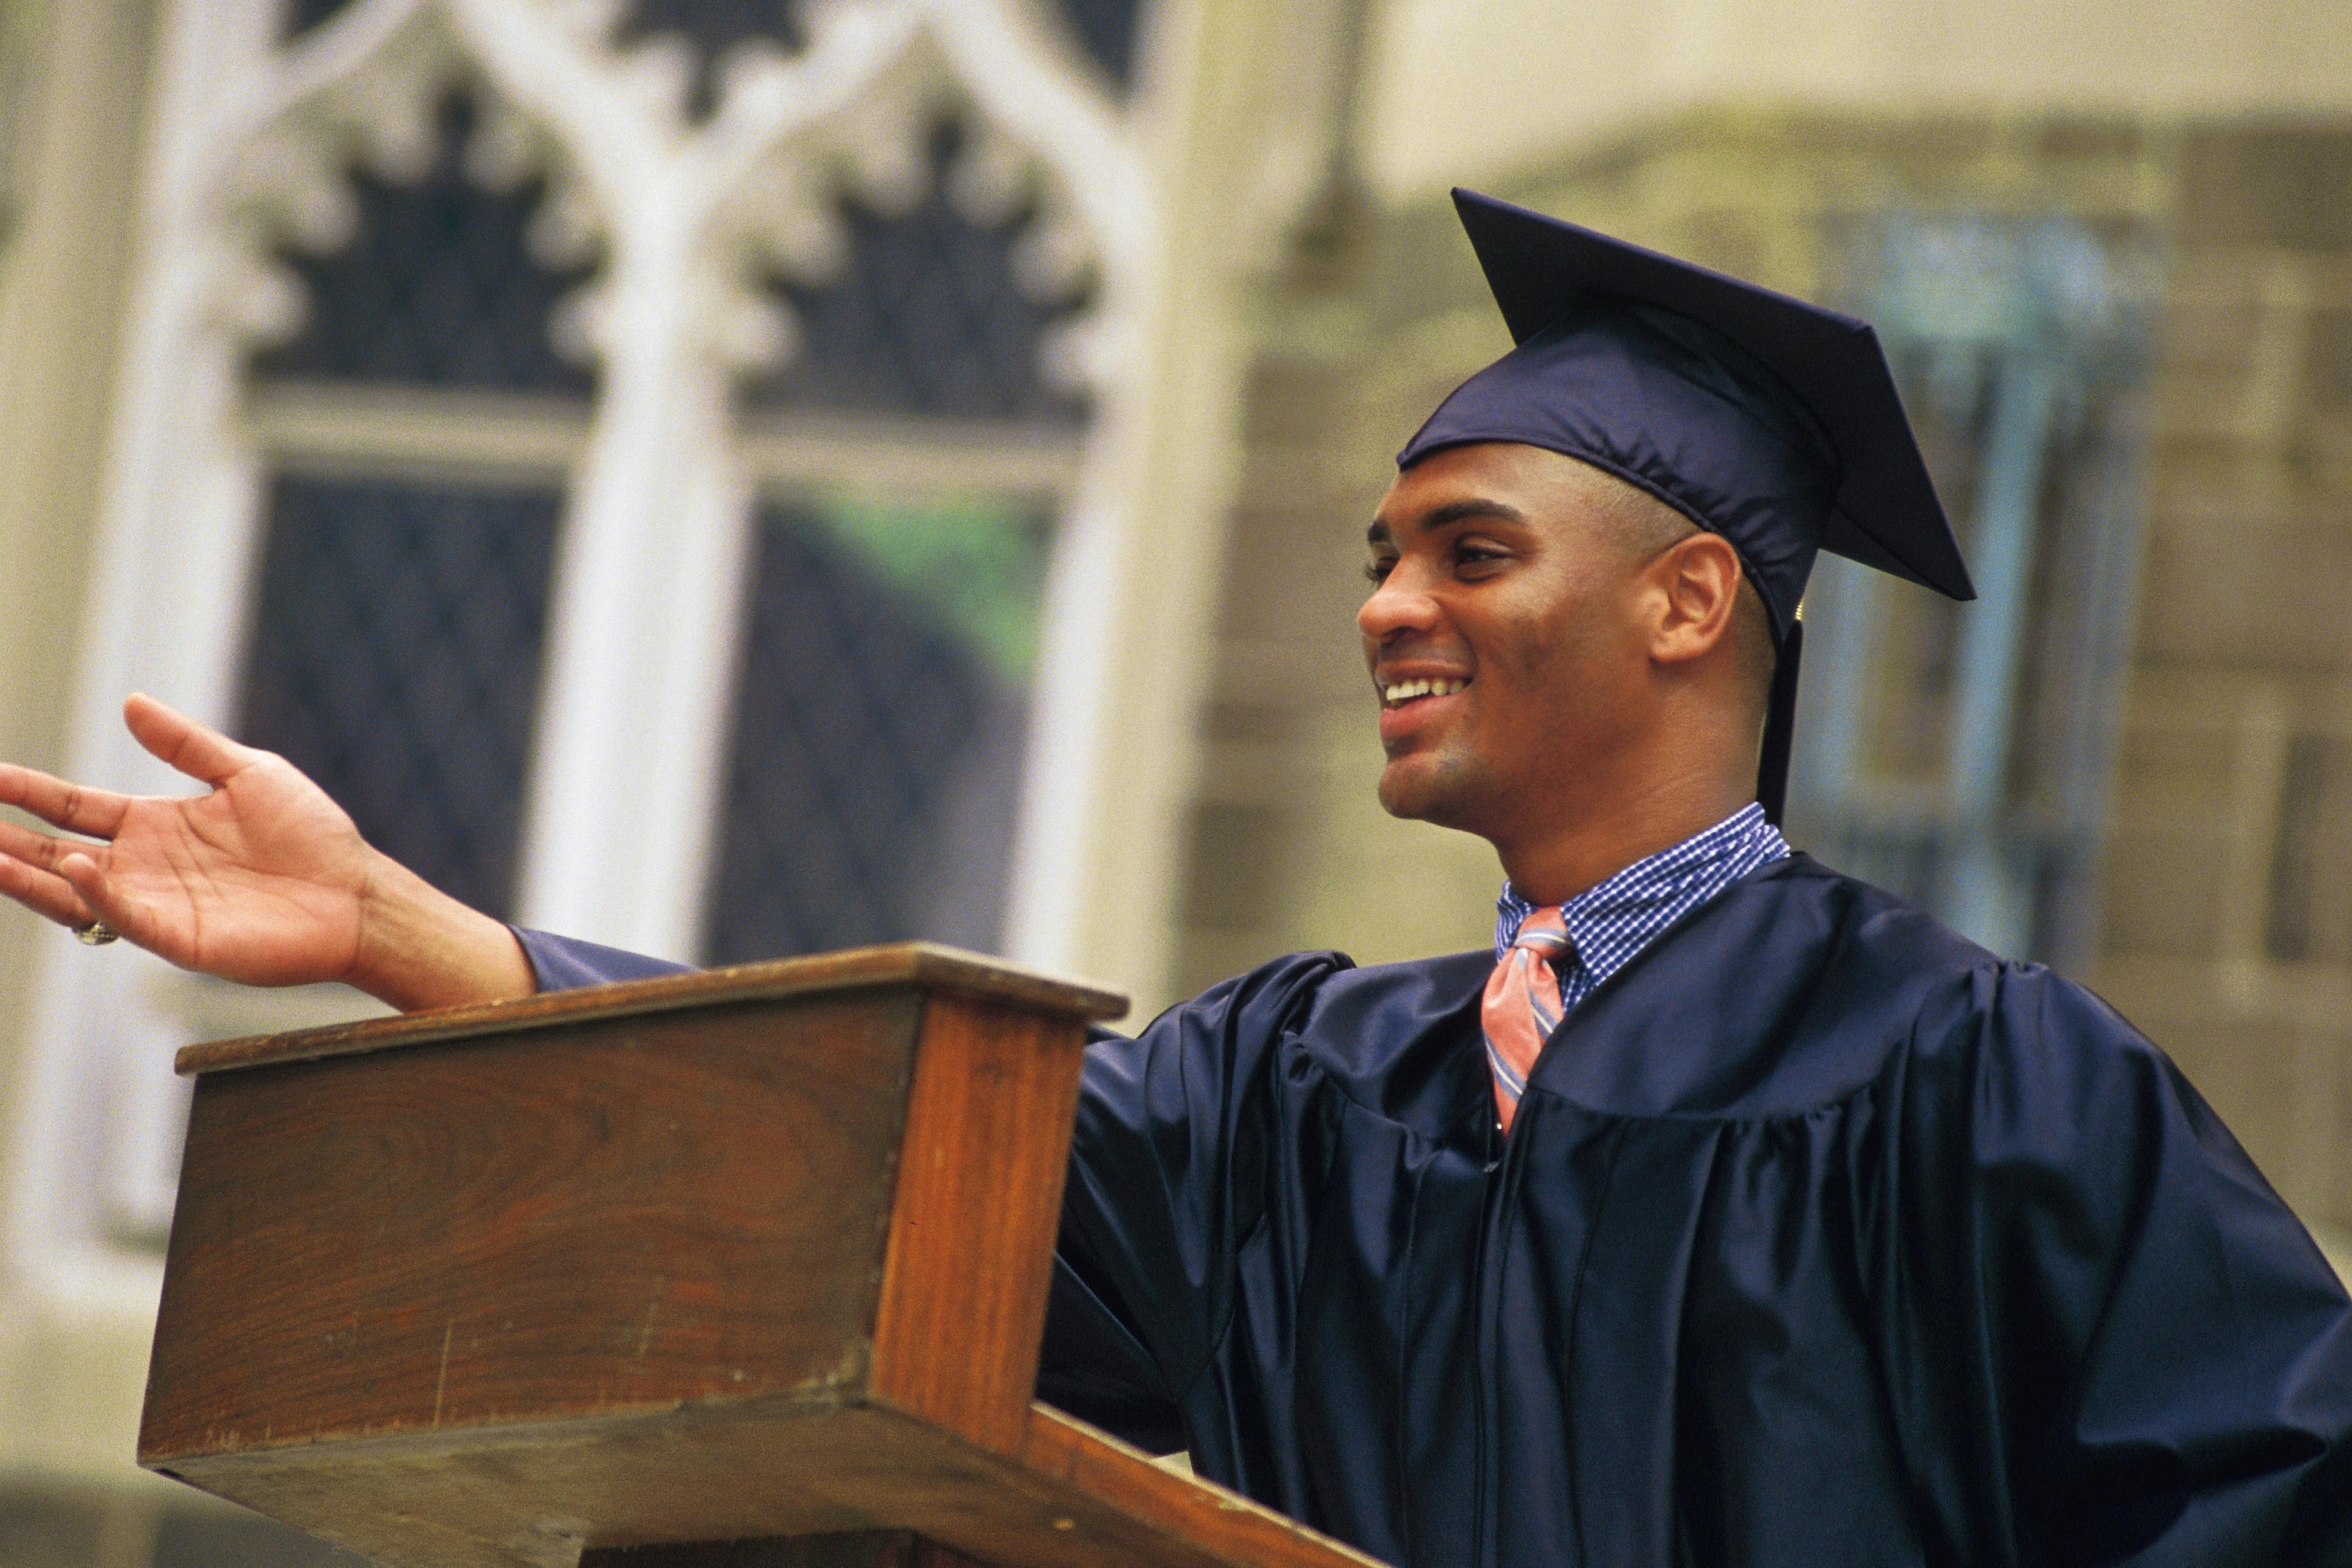 Graduation speech writing help